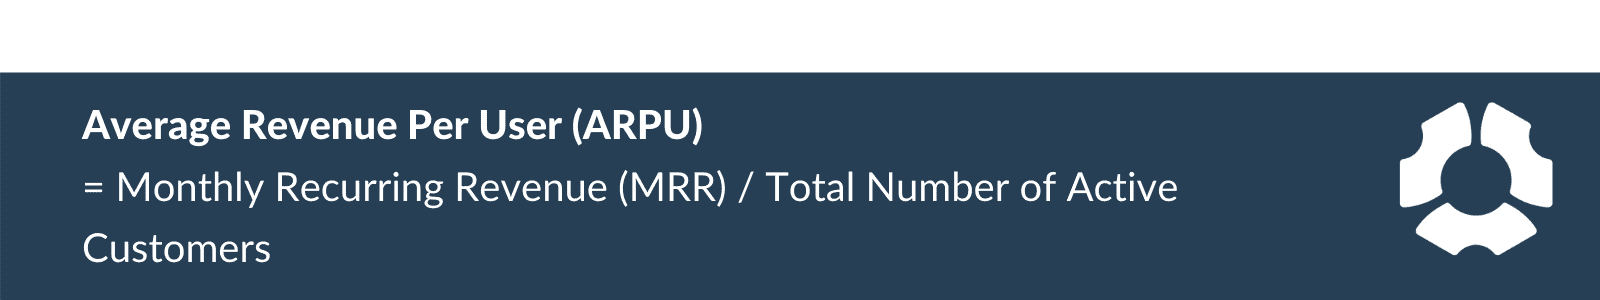 Average revenue per user (ARPU) formula